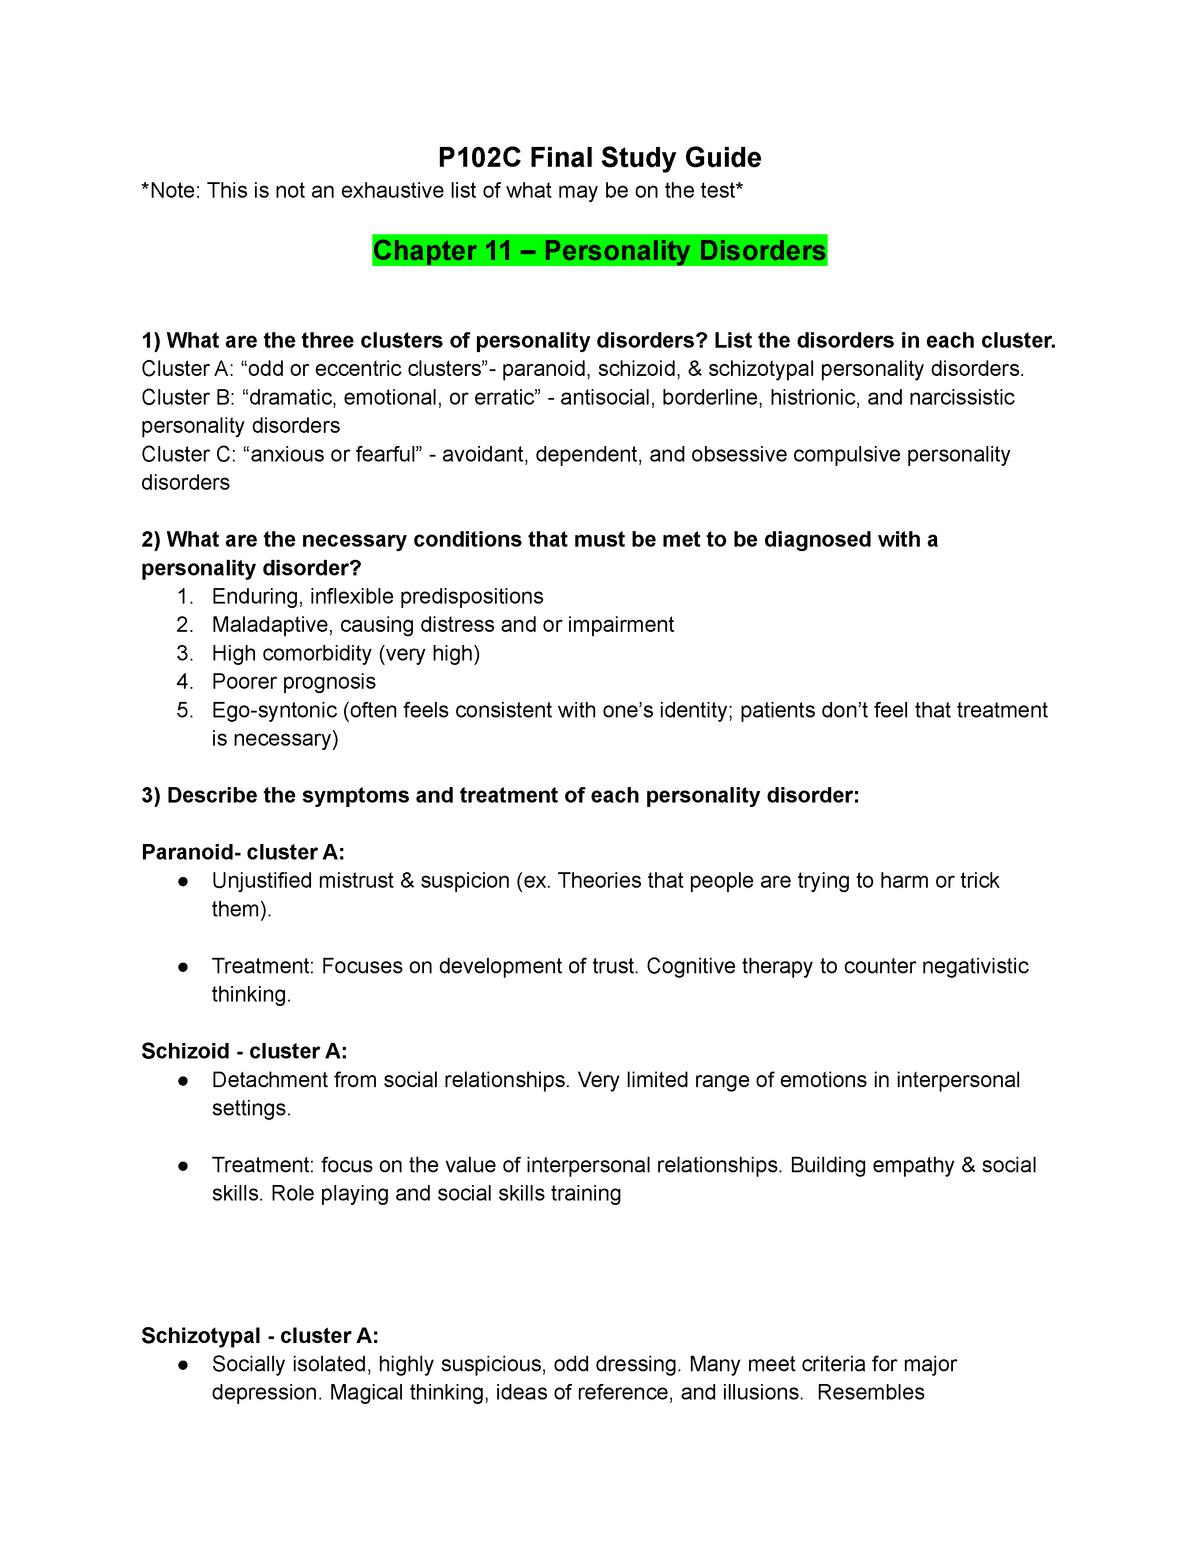 Psy102C Final Study Guide - PSY BEH 102C: Abnormal Psychology - StuDocu